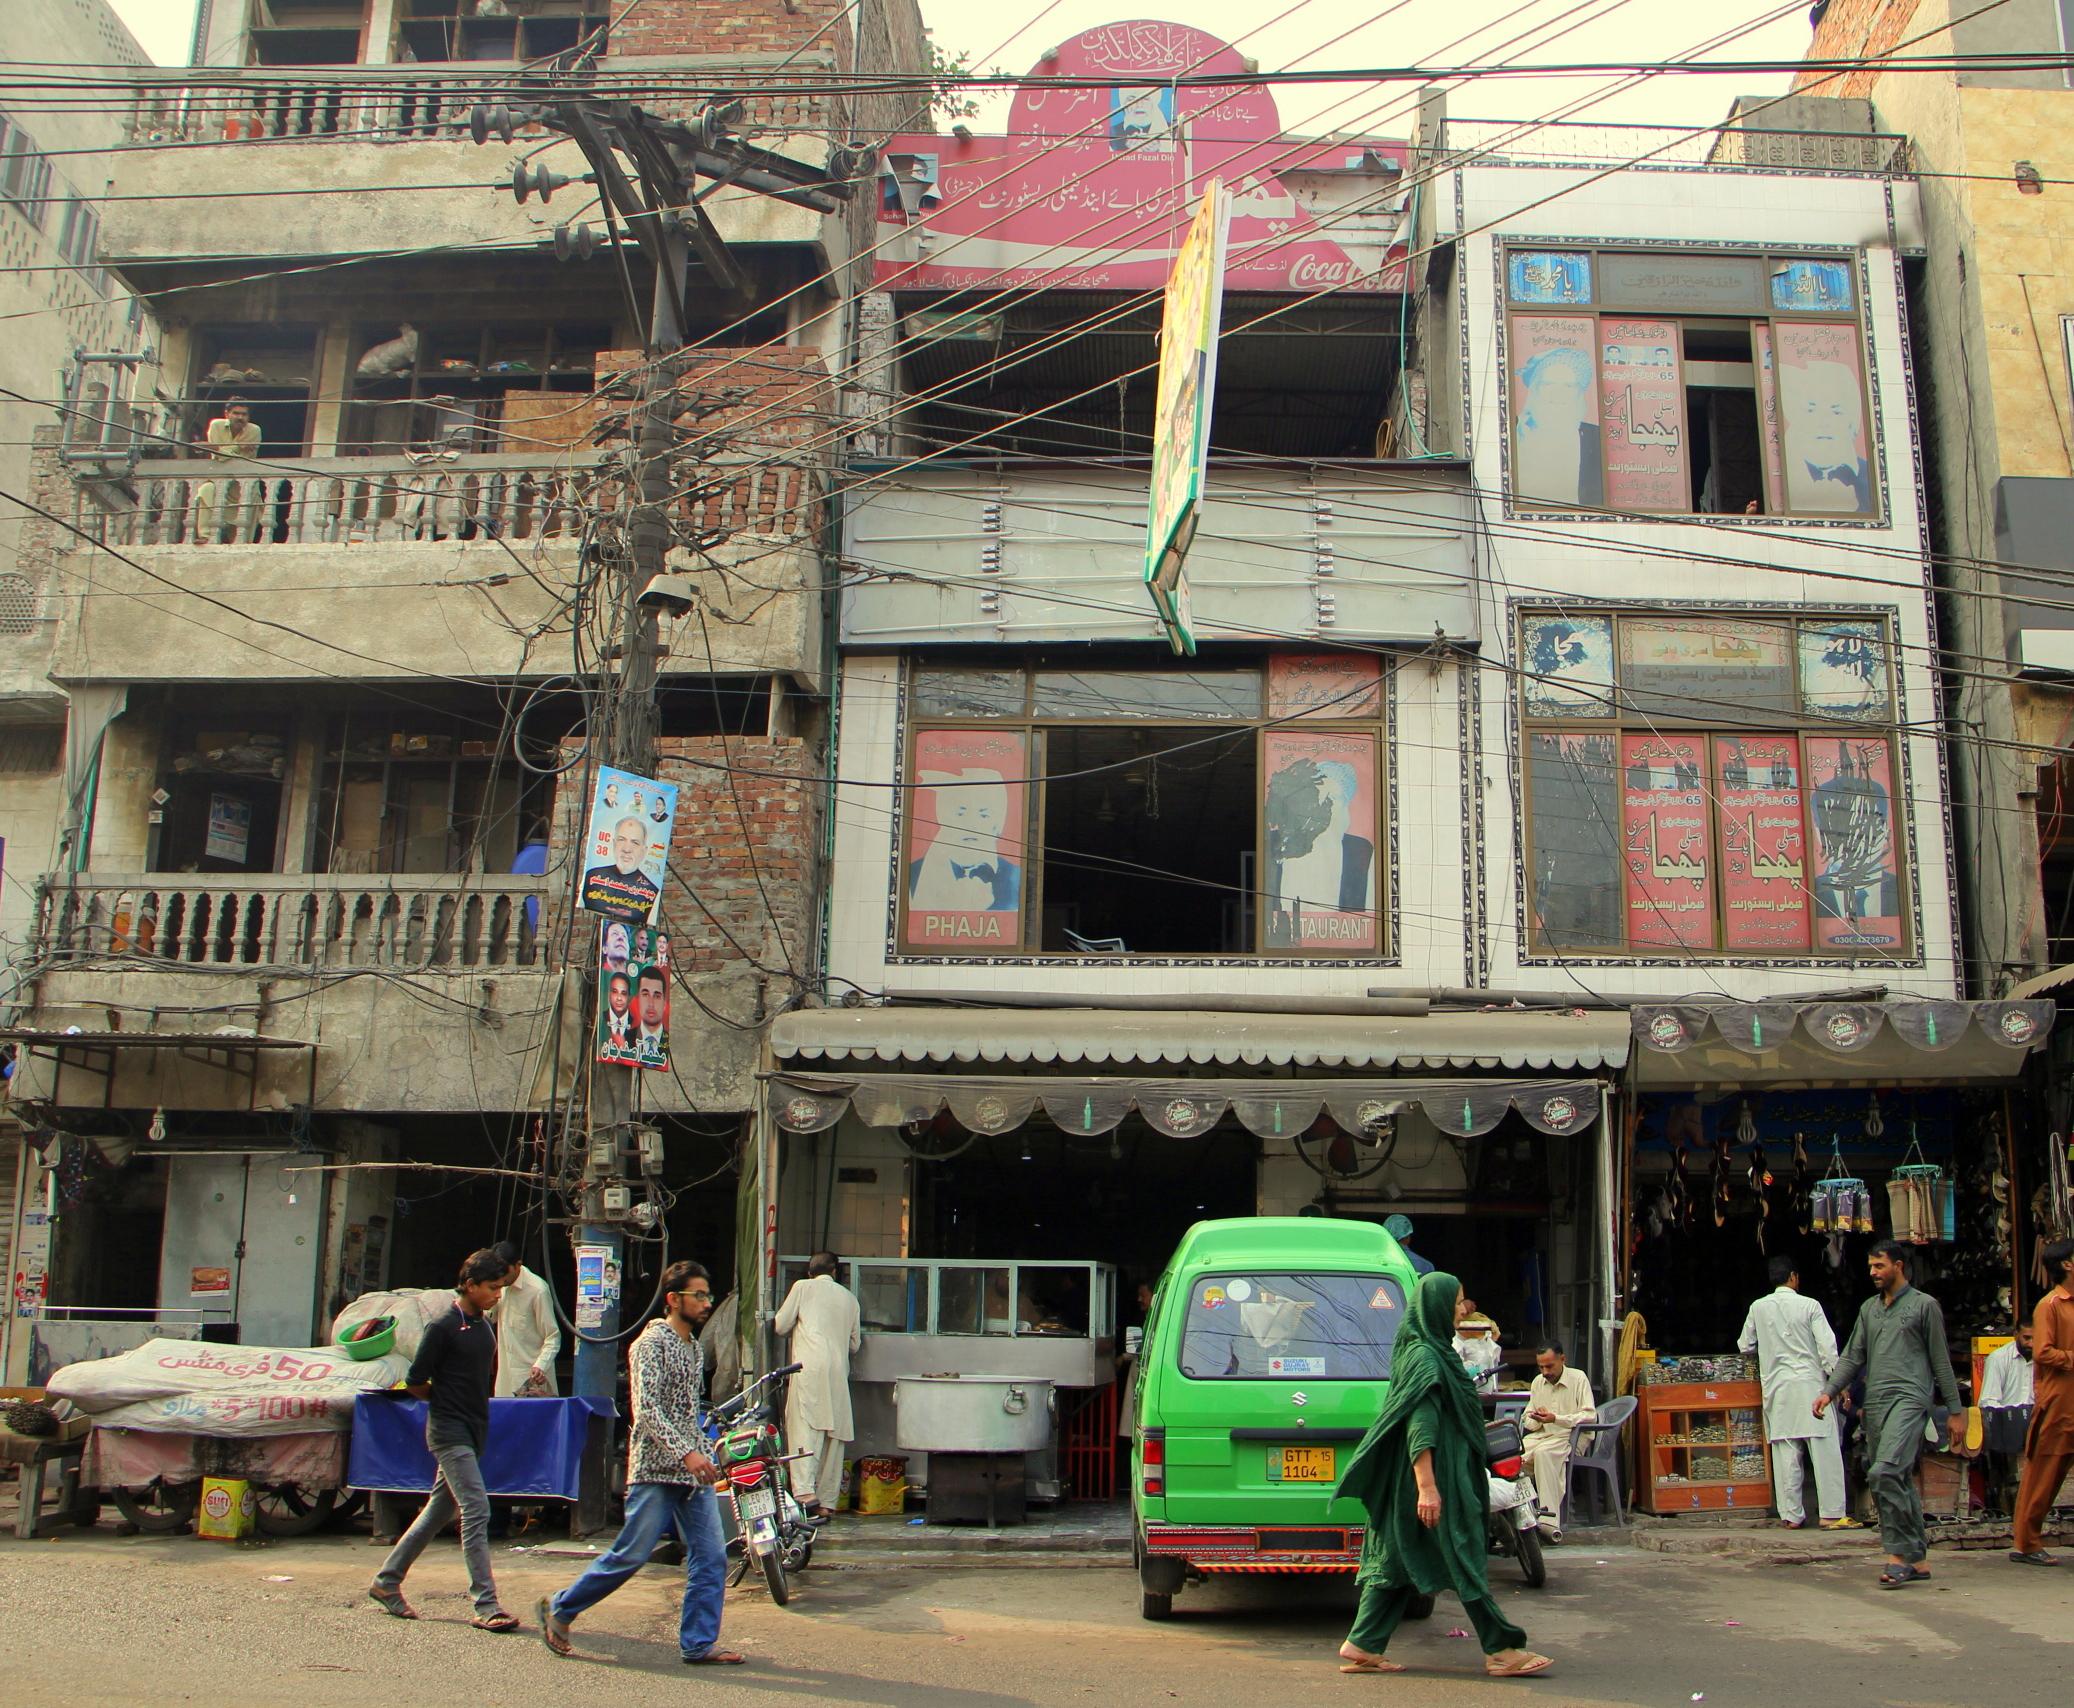 jenter dating www Lahore Heera Mandi